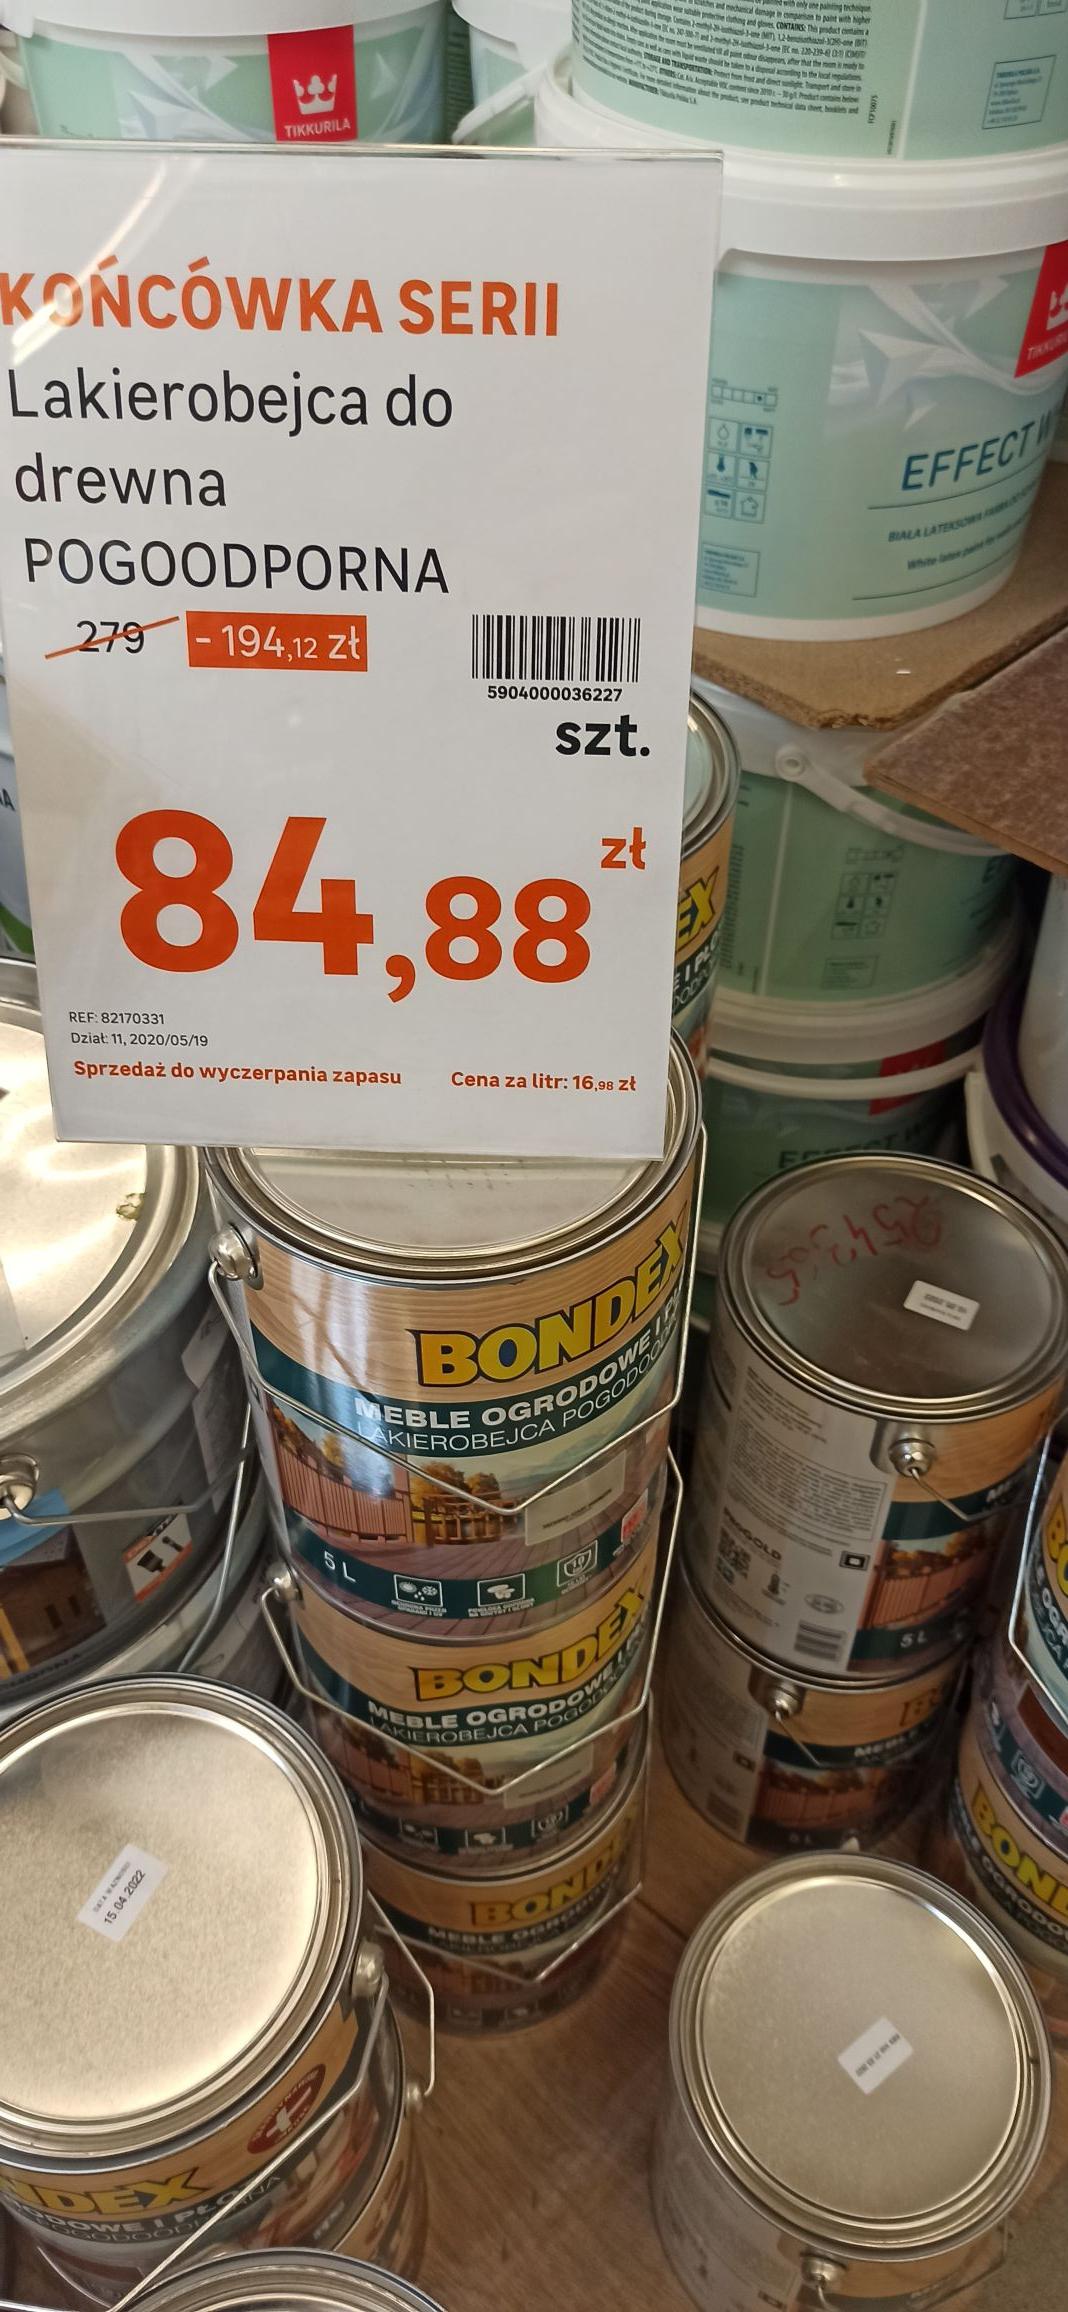 Lakierobejca do drewna, farba, lazura, 5 litrów, 2.5 litra, leroy merlin Puławy